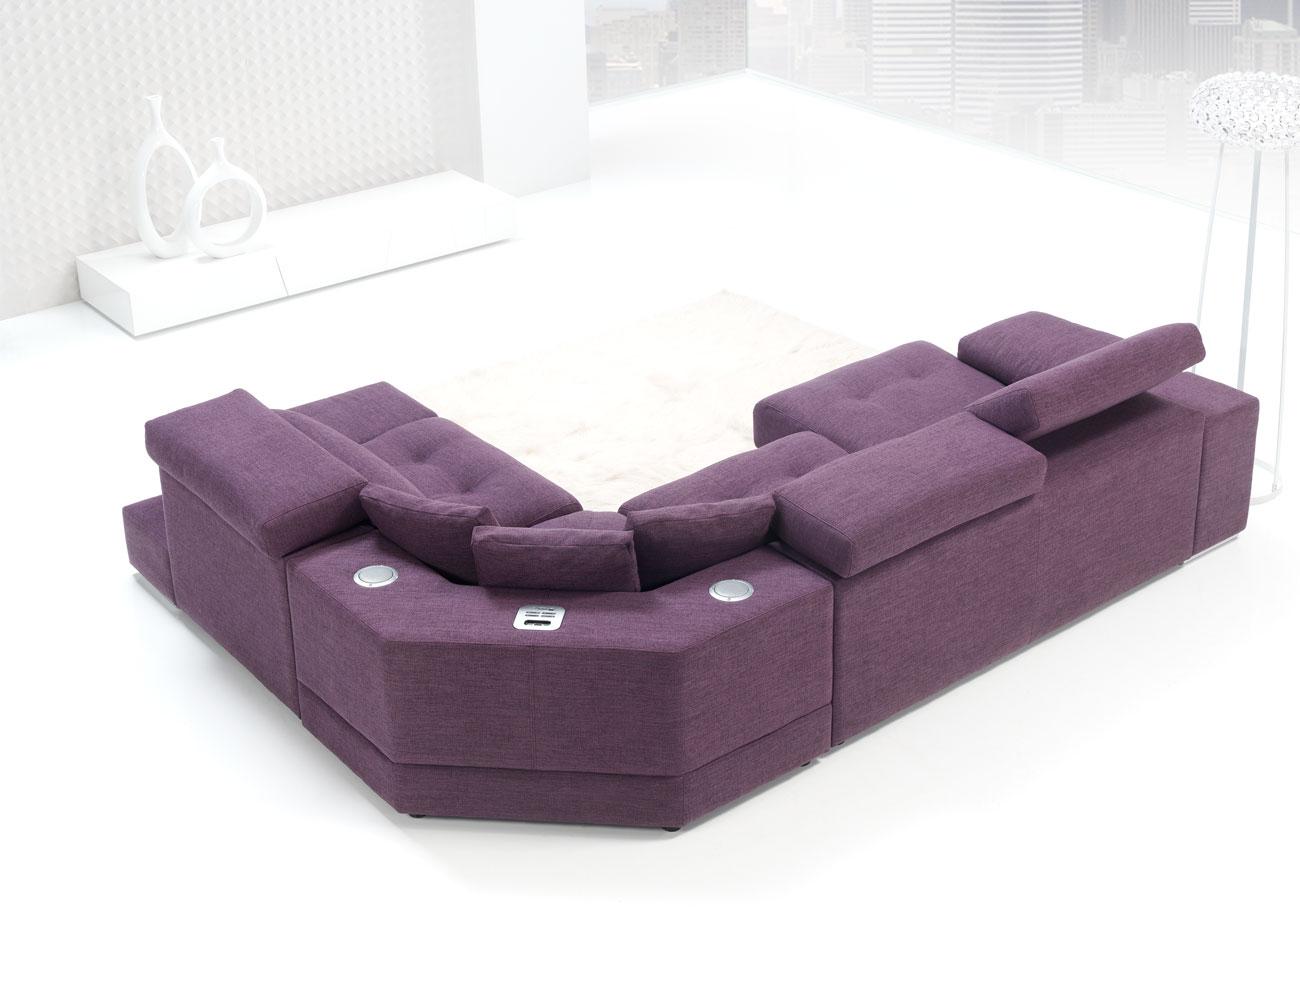 Sofa chaiselongue rincon con brazo mecanico tejido anti manchas 315